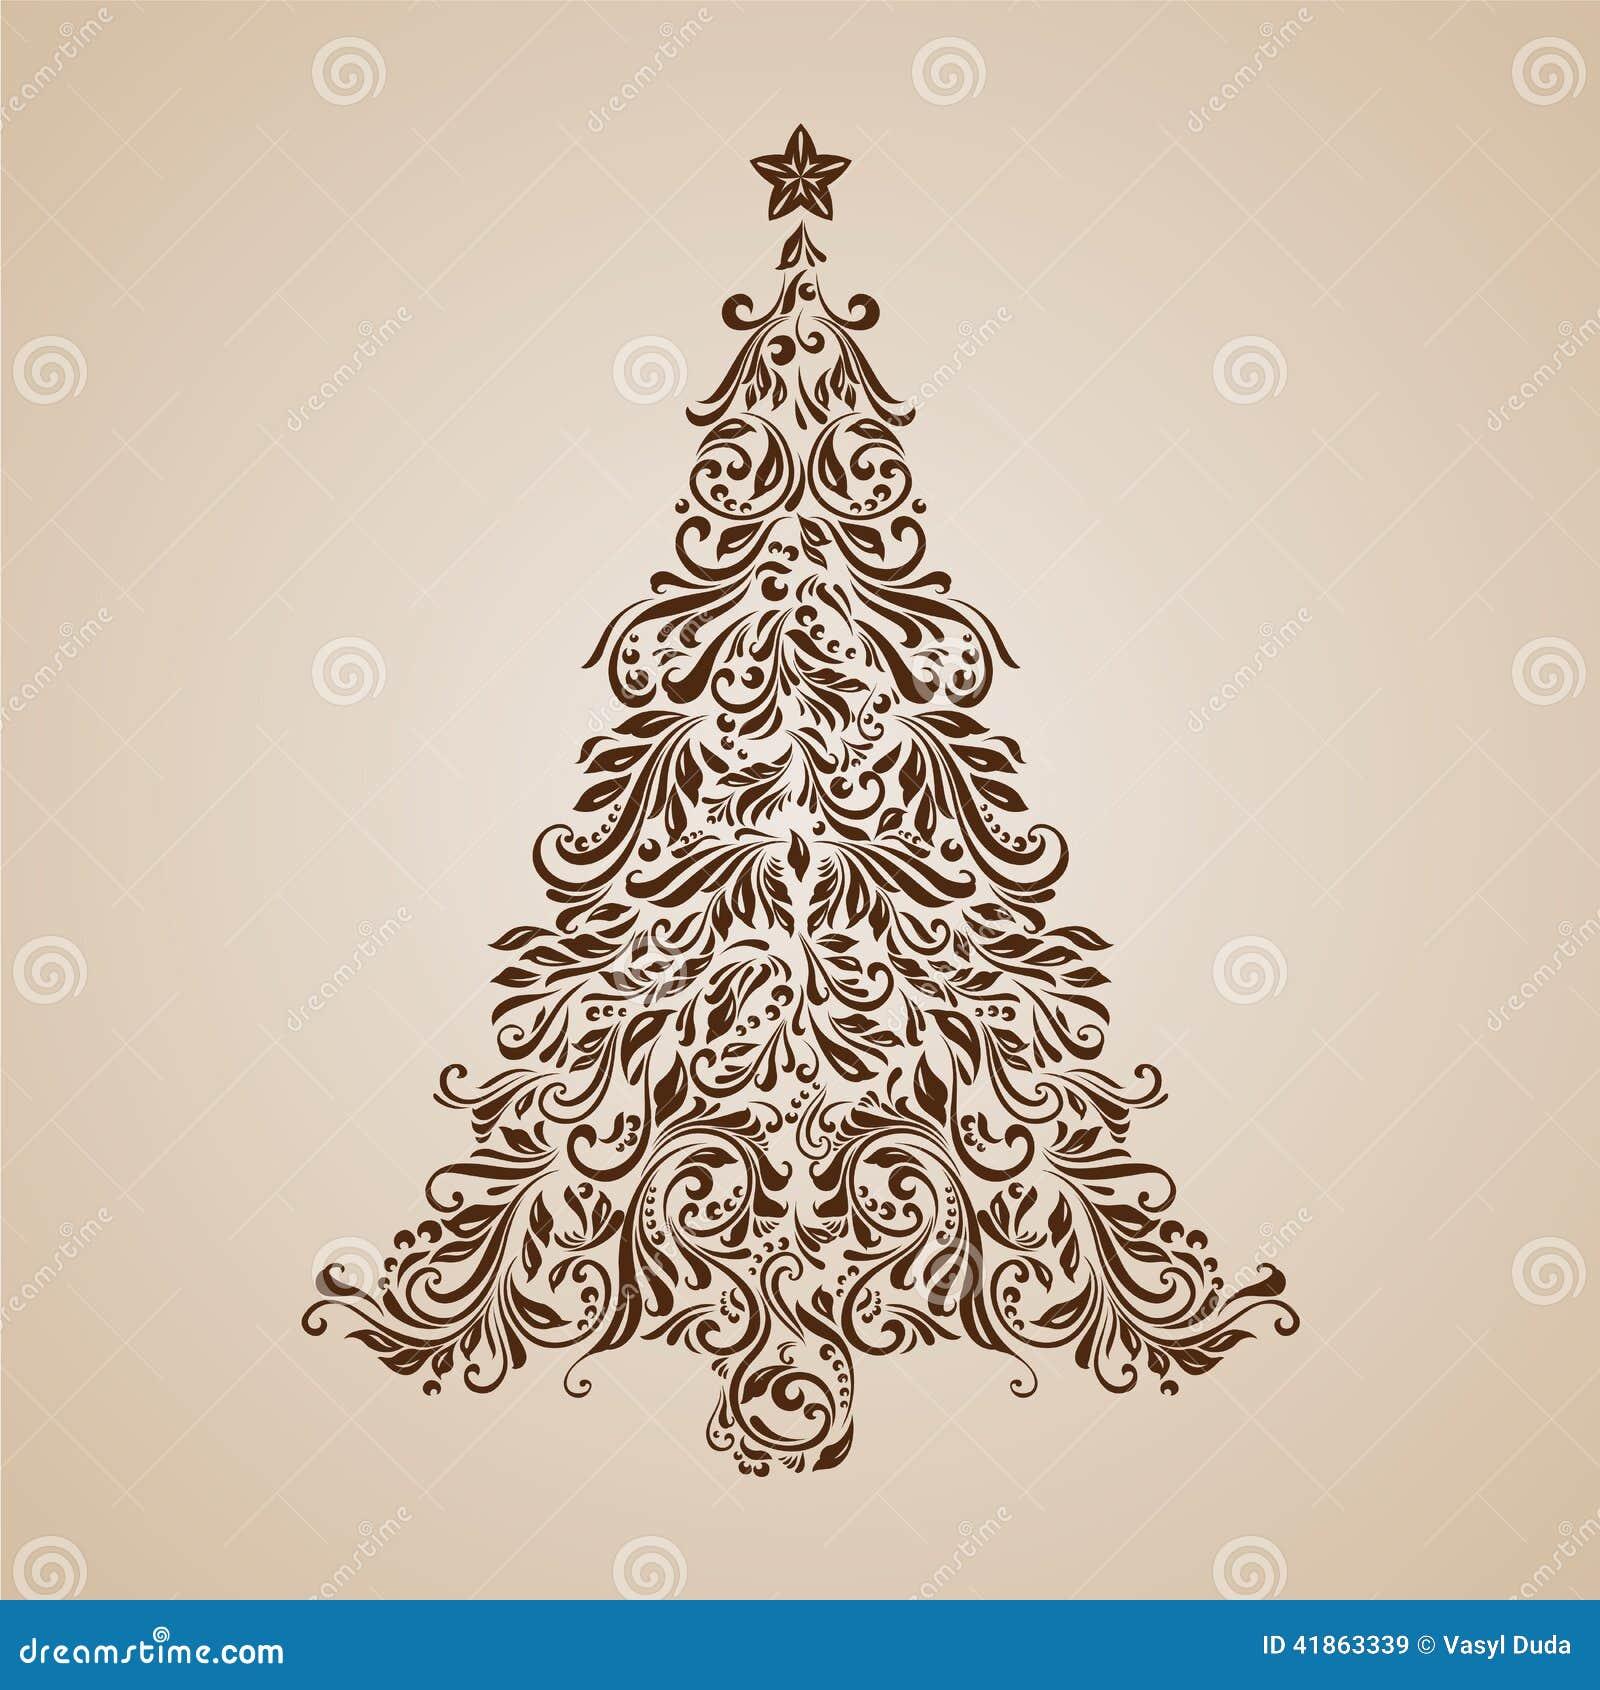 Rbol de navidad ilustraci n del vector imagen 41863339 - Arbol de navidad elegante ...